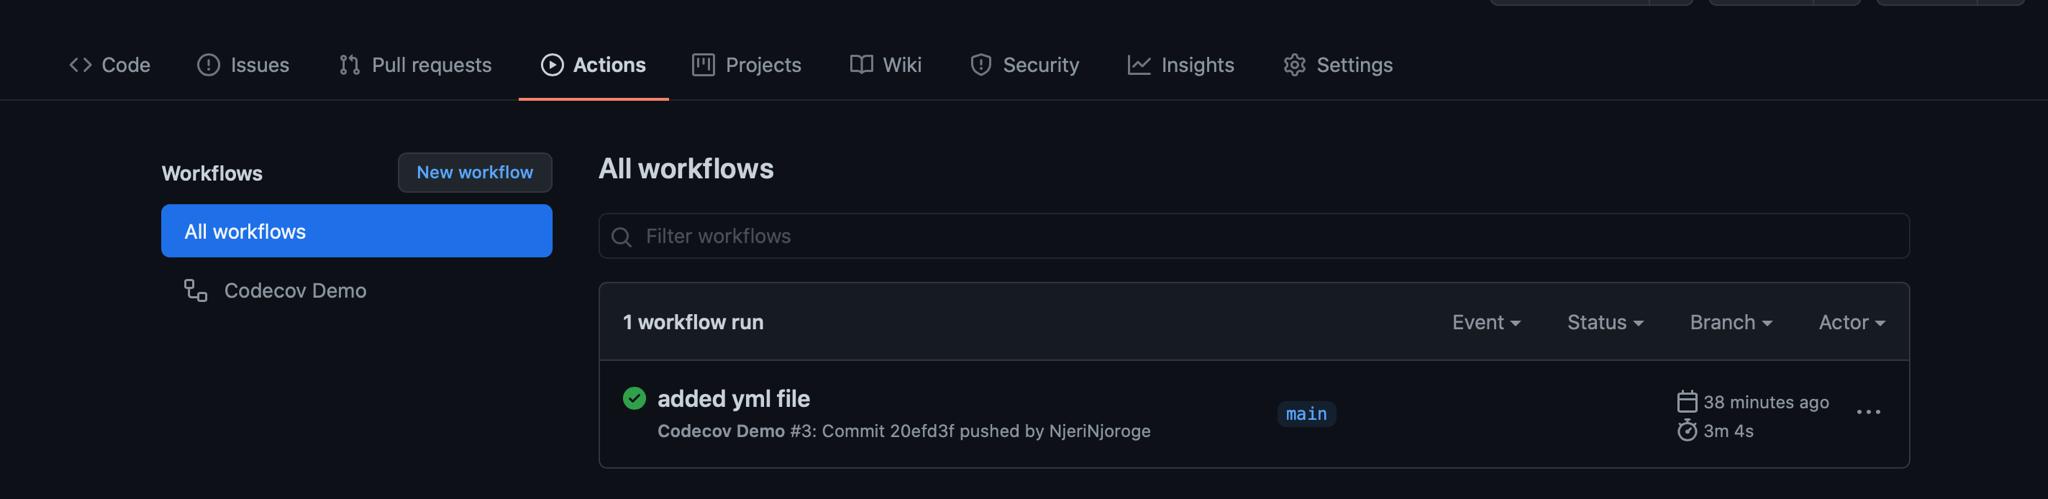 GitHub workflows view